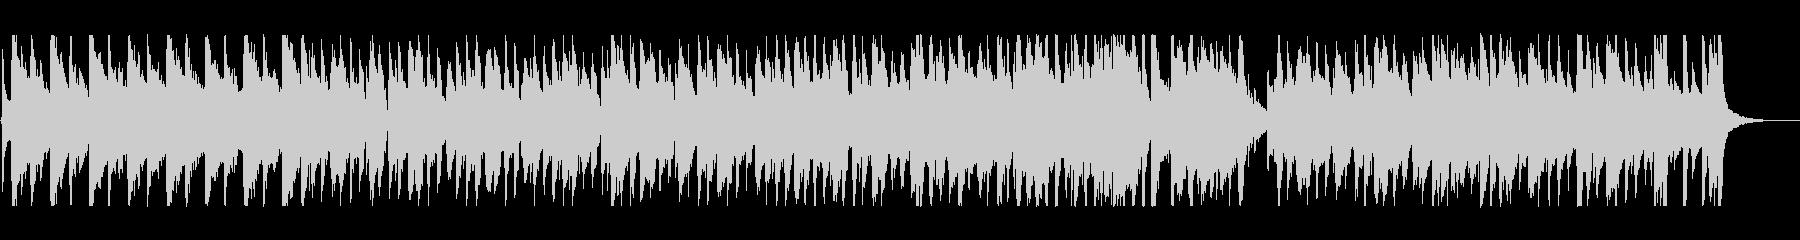 ゆったりリラックスできるクリスマスBGMの未再生の波形